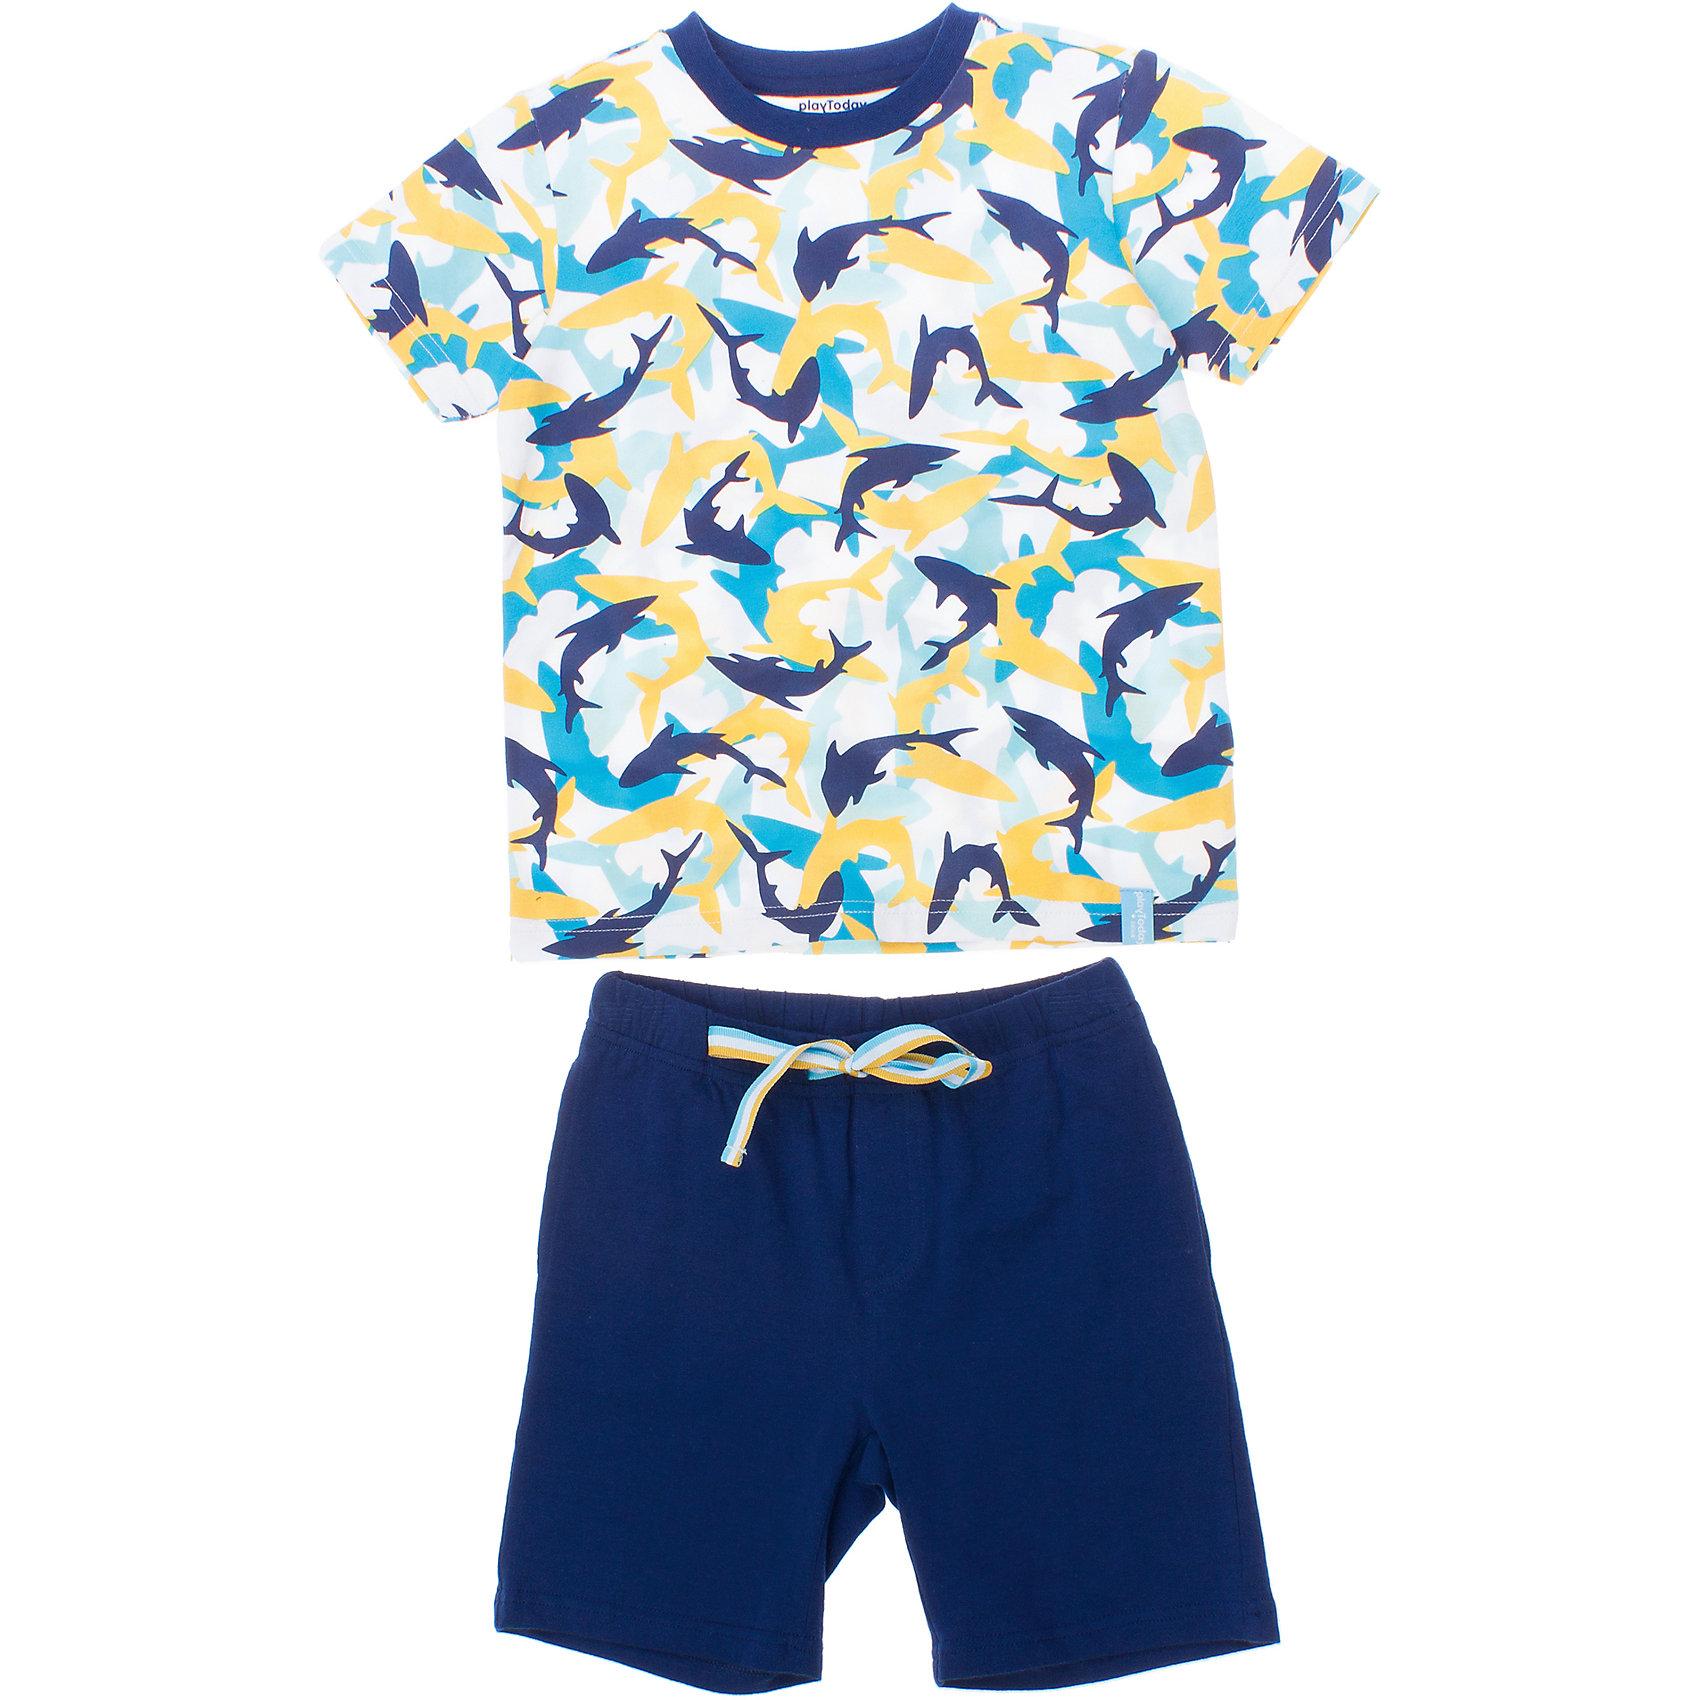 Комплект: футболка и шорты для мальчика PlayTodayКомплект: футболка и шорты для мальчика PlayToday <br><br>Состав: 95% хлопок, 5% эластан <br><br>Комплект из хлопковой футболки и шорт. <br>Шорты с двумя функциональными карманами. <br>На поясе широкая резинка.<br><br>Ширина мм: 199<br>Глубина мм: 10<br>Высота мм: 161<br>Вес г: 151<br>Цвет: синий<br>Возраст от месяцев: 96<br>Возраст до месяцев: 108<br>Пол: Мужской<br>Возраст: Детский<br>Размер: 128,104,122,110,98,116<br>SKU: 4502651